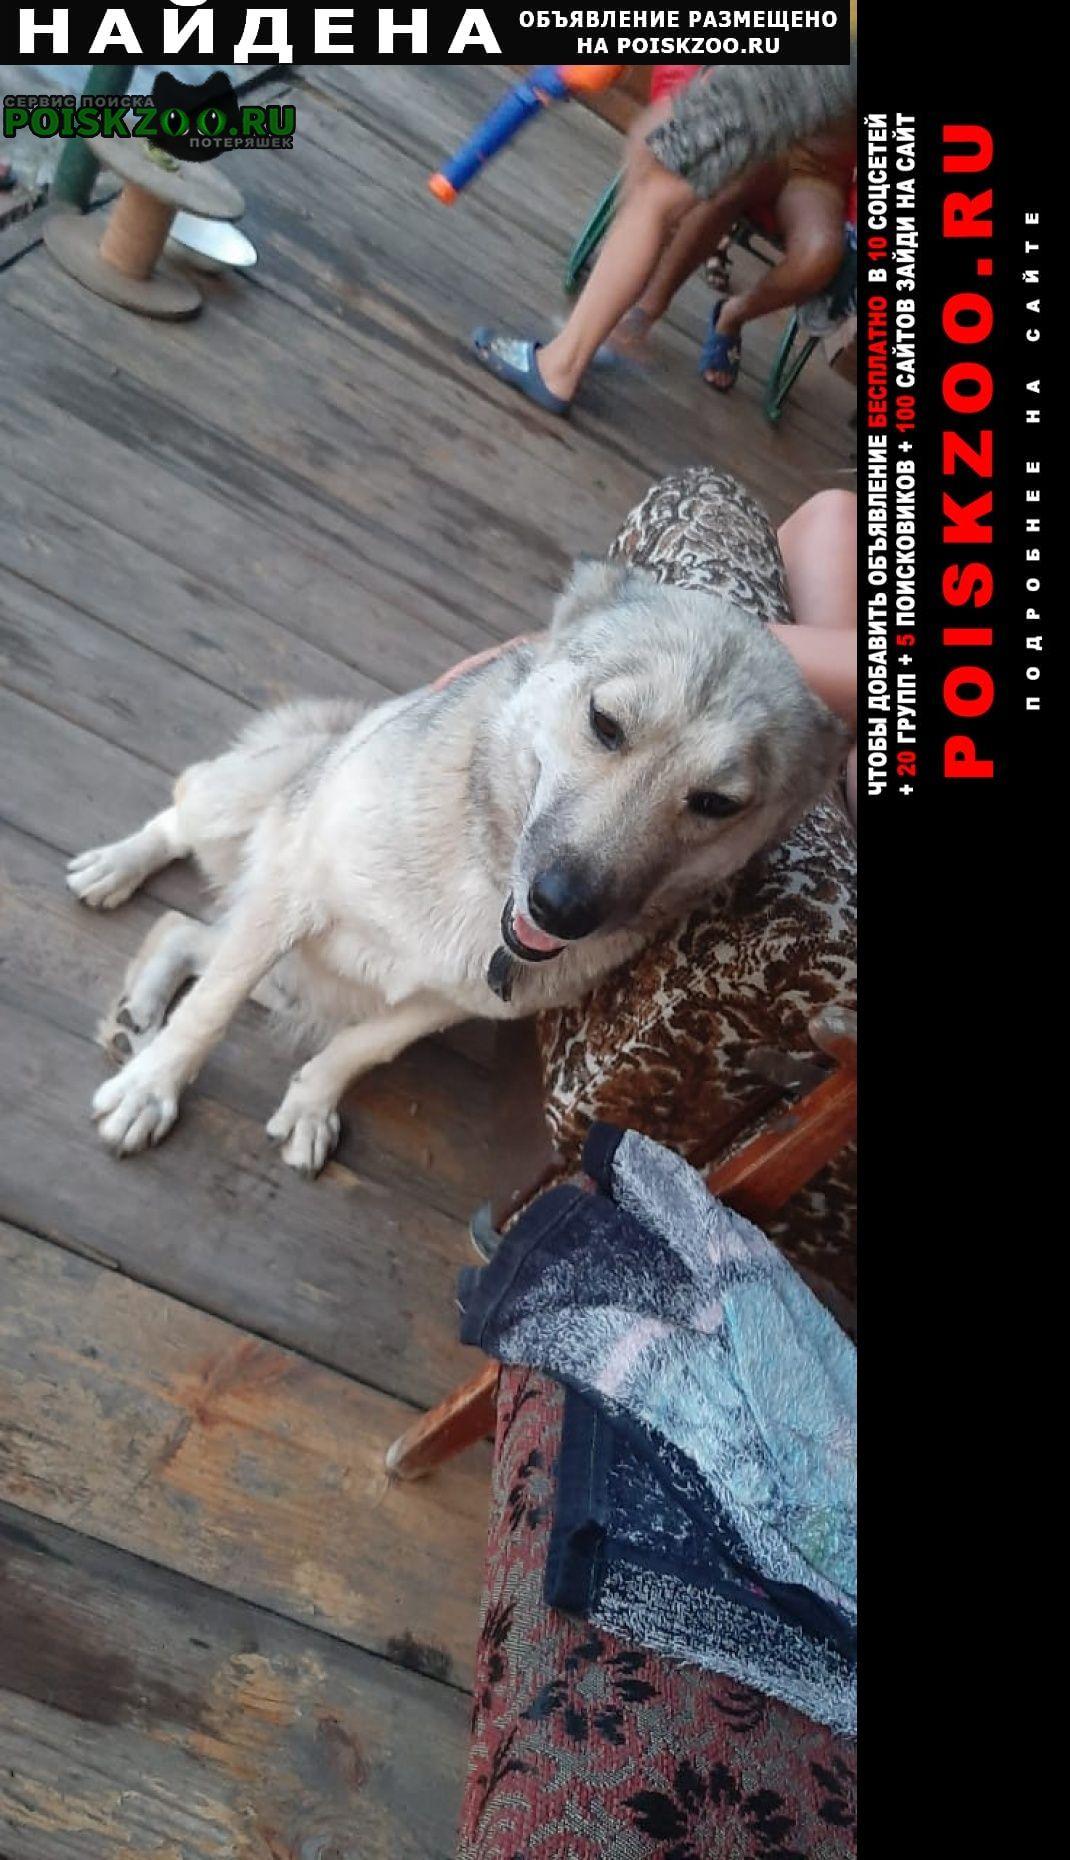 Найдена собака свяжитесь с нами ищем хозяина Тольятти